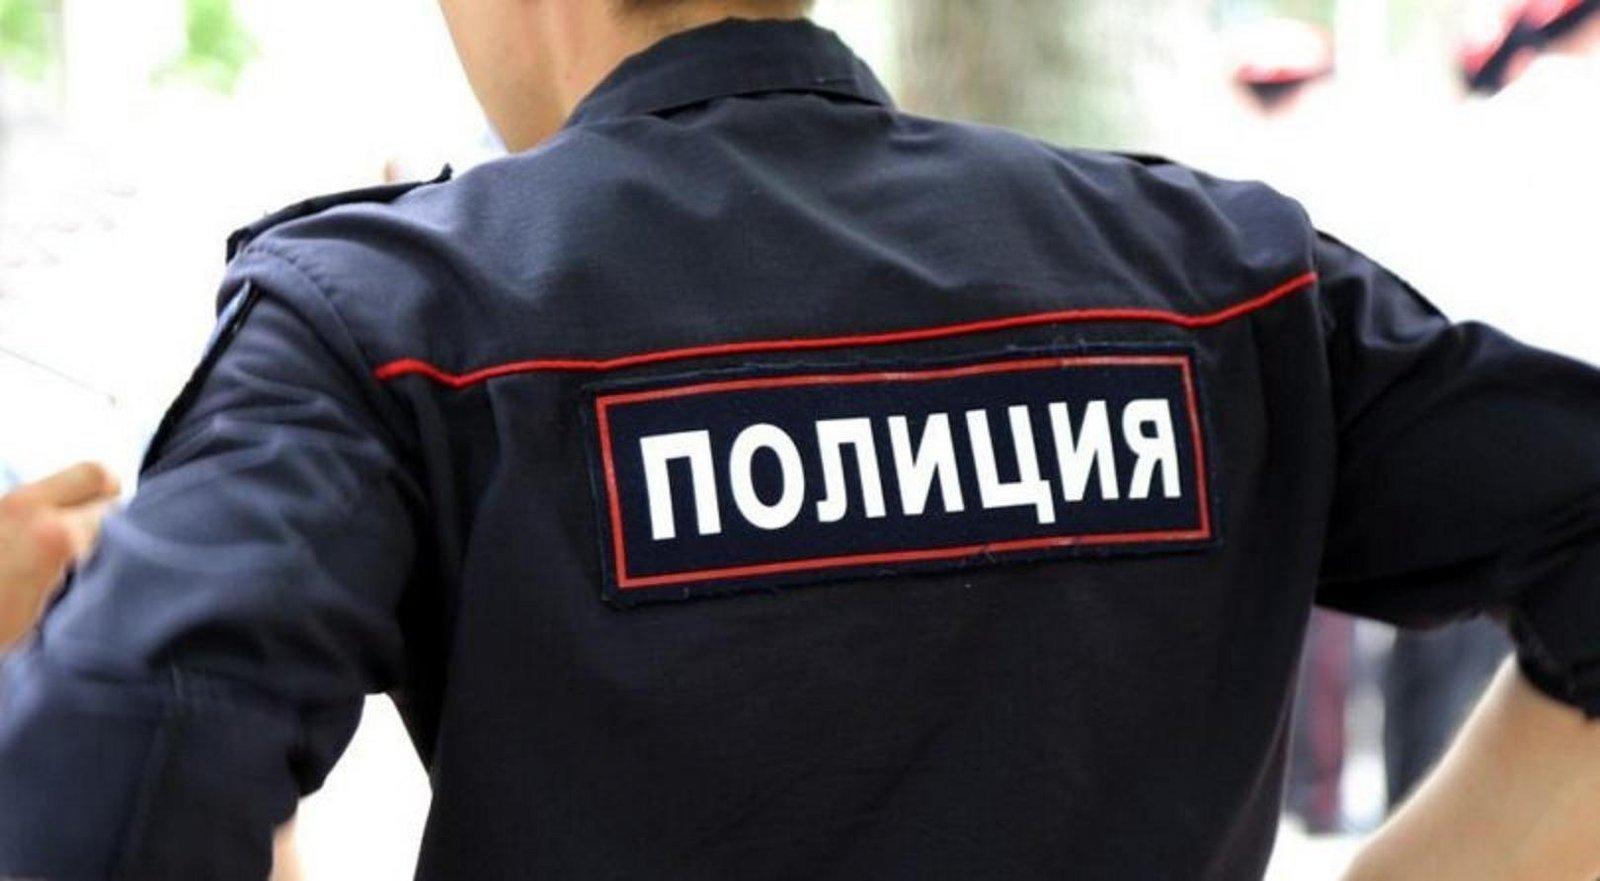 Неизвестный похитил экскаватор-погрузчик стоимостью 5млнруб. вБасманном районе